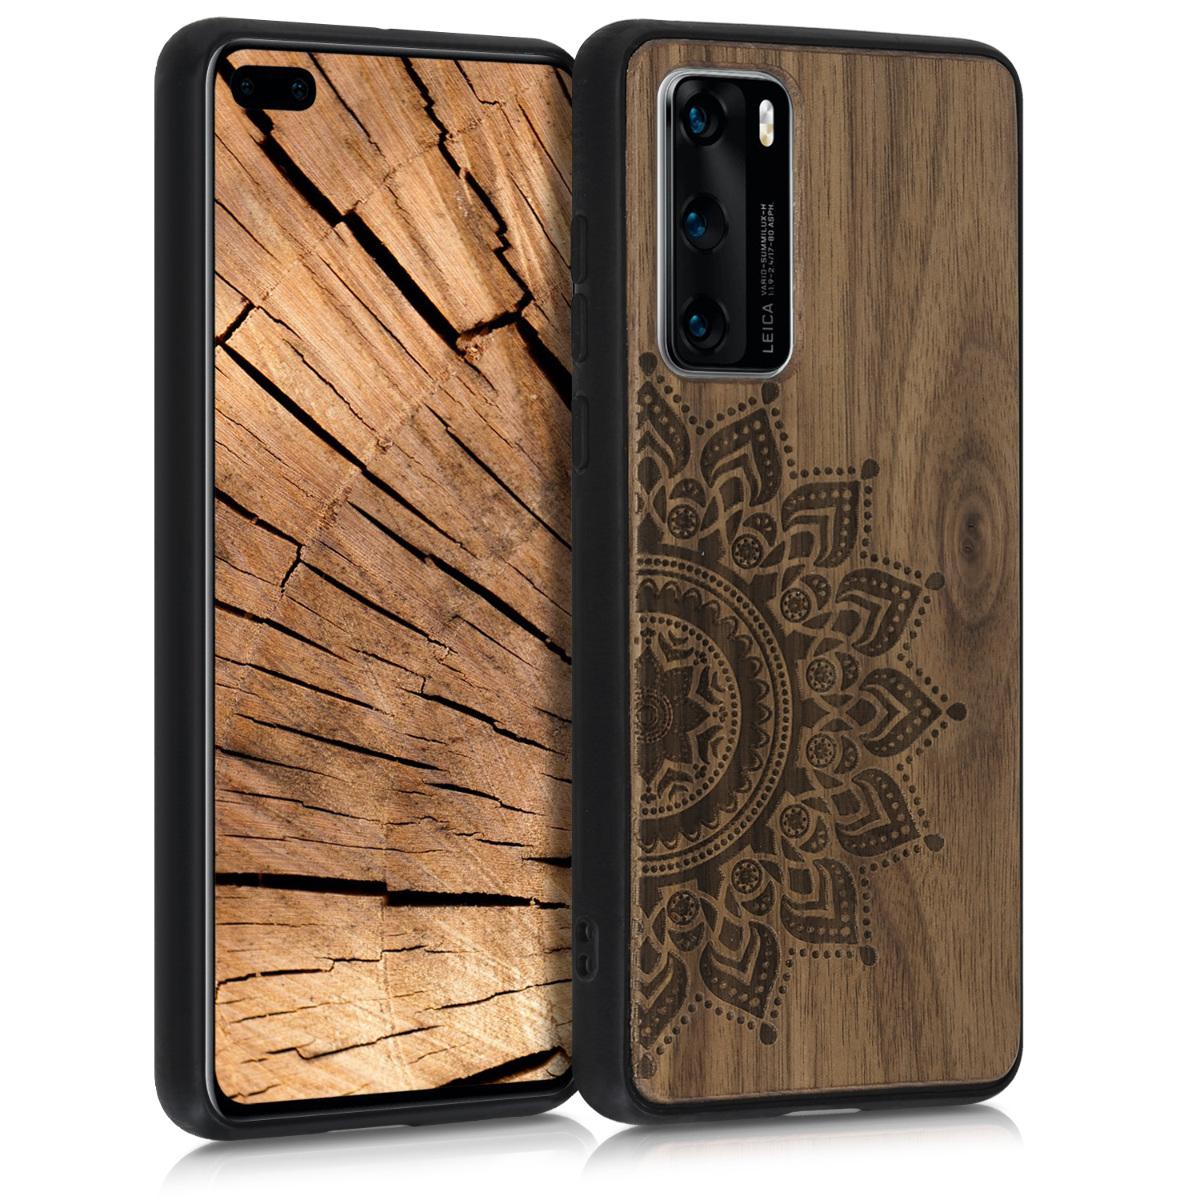 Dřevěné pouzdro / obal s motivem vycházejícího slunce pro Huawei P40